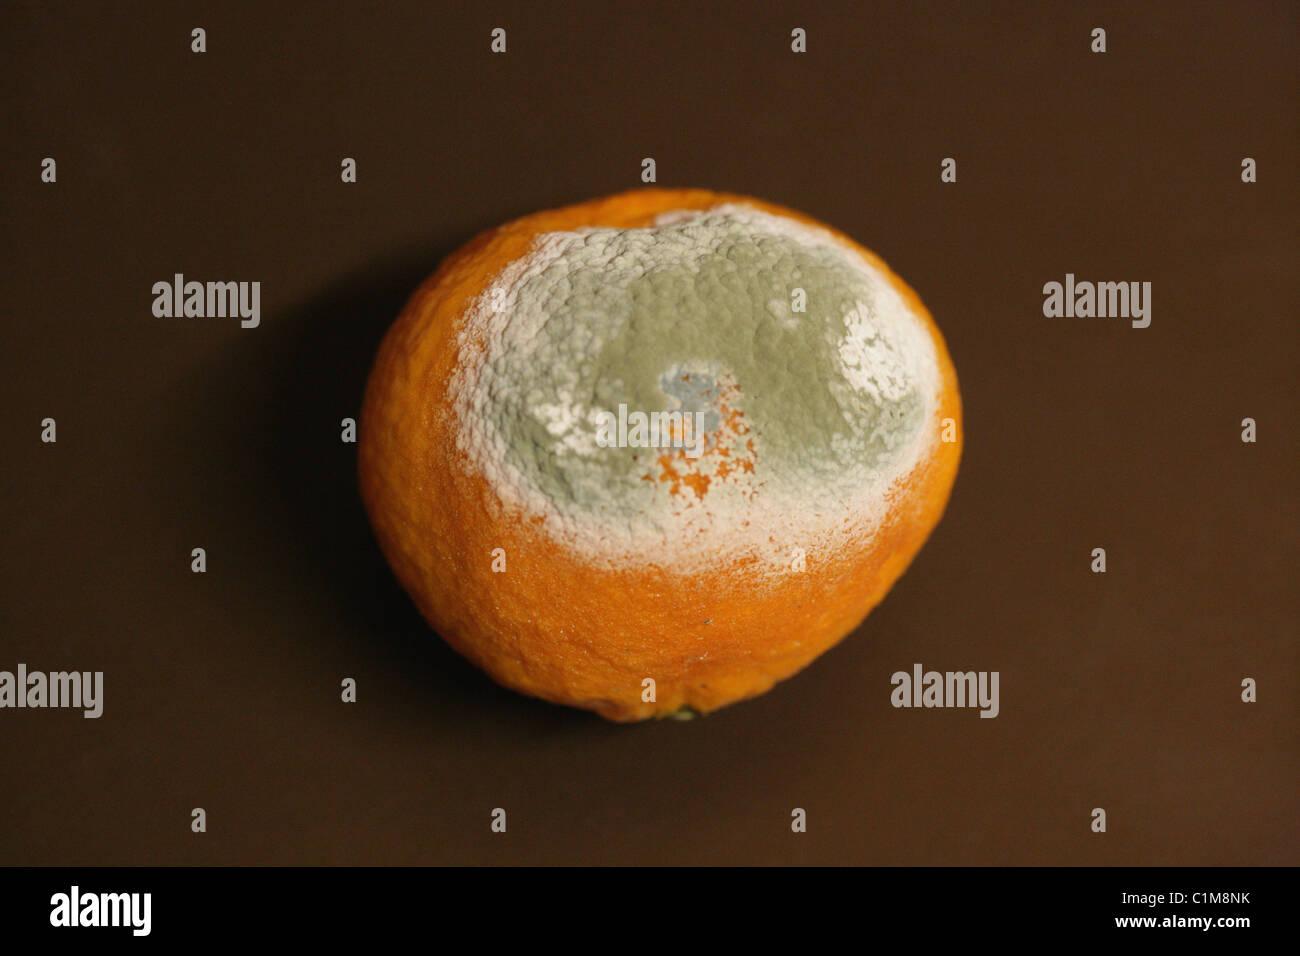 Mandarin Citrus Fruit with Green Mould, Penicillium digitatum, Trichocomaceae, Eurotiales, Fungi. Syn. Monilia digitata. - Stock Image